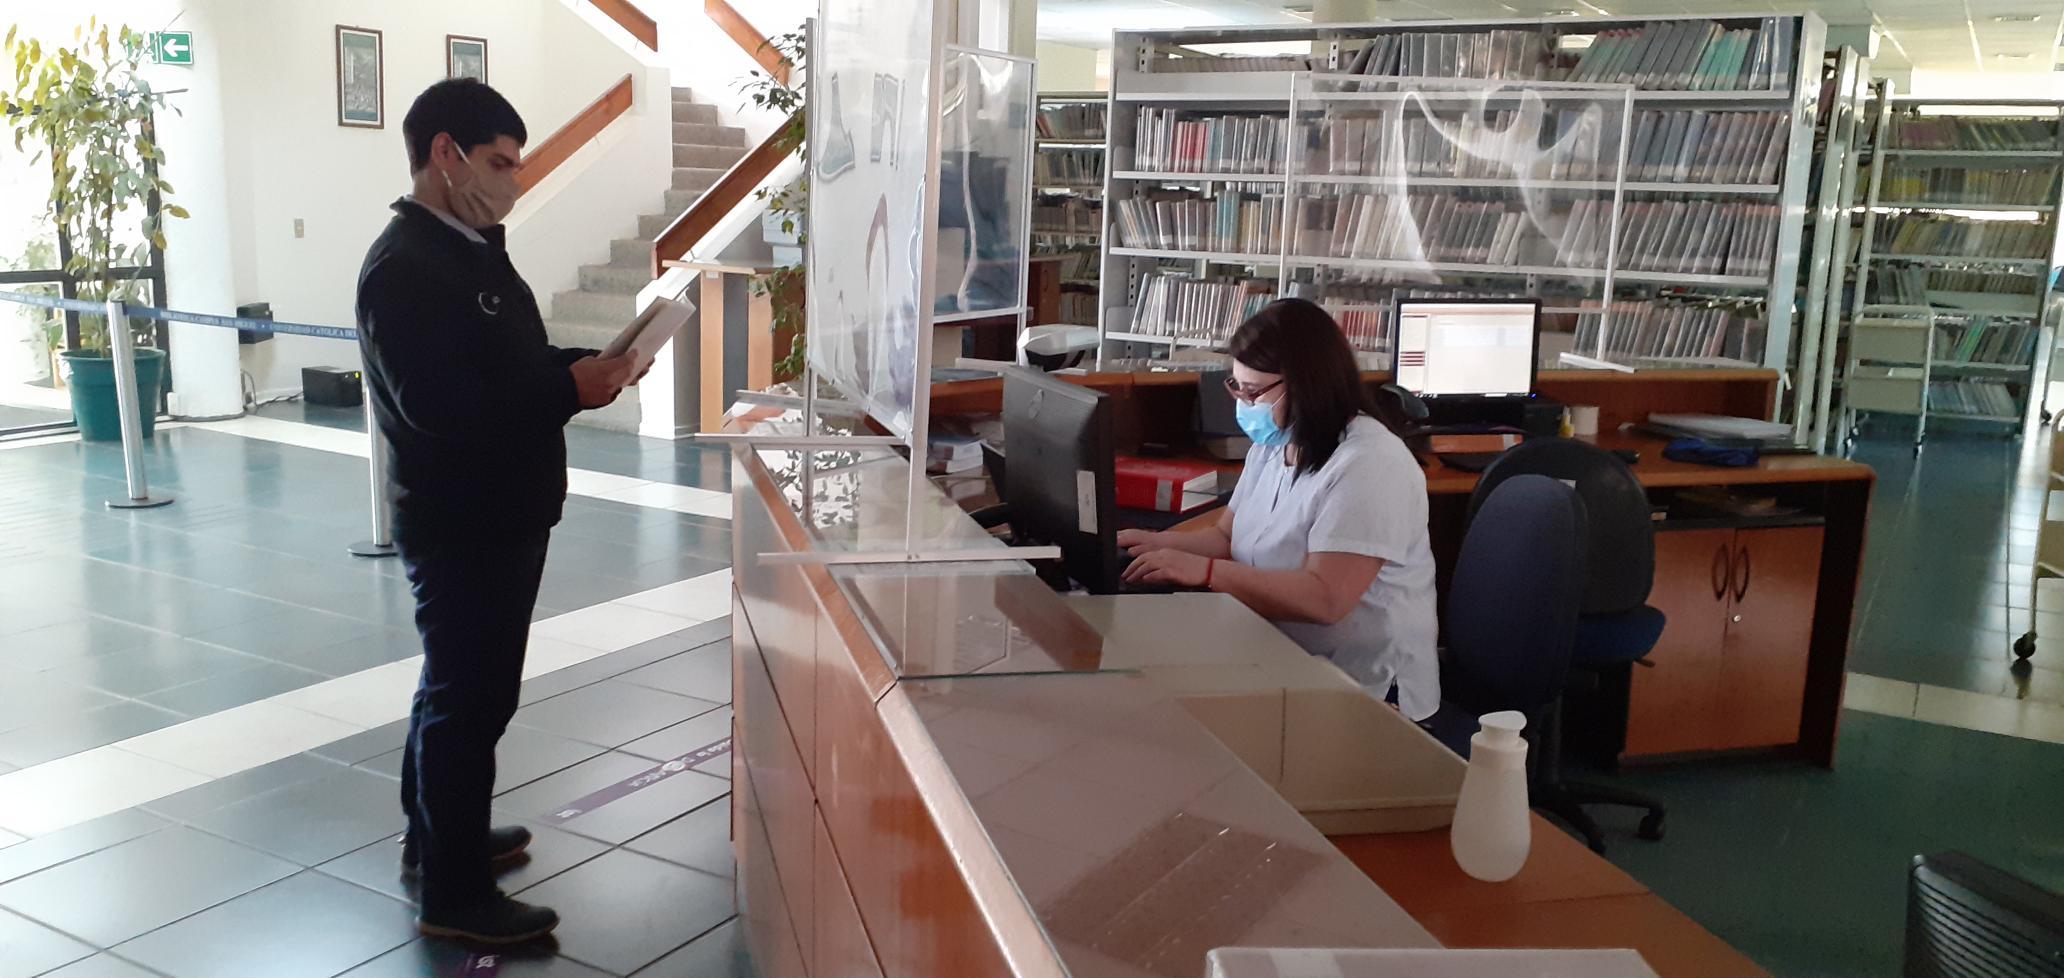 El rol de las Bibliotecas en tiempo de pandemia